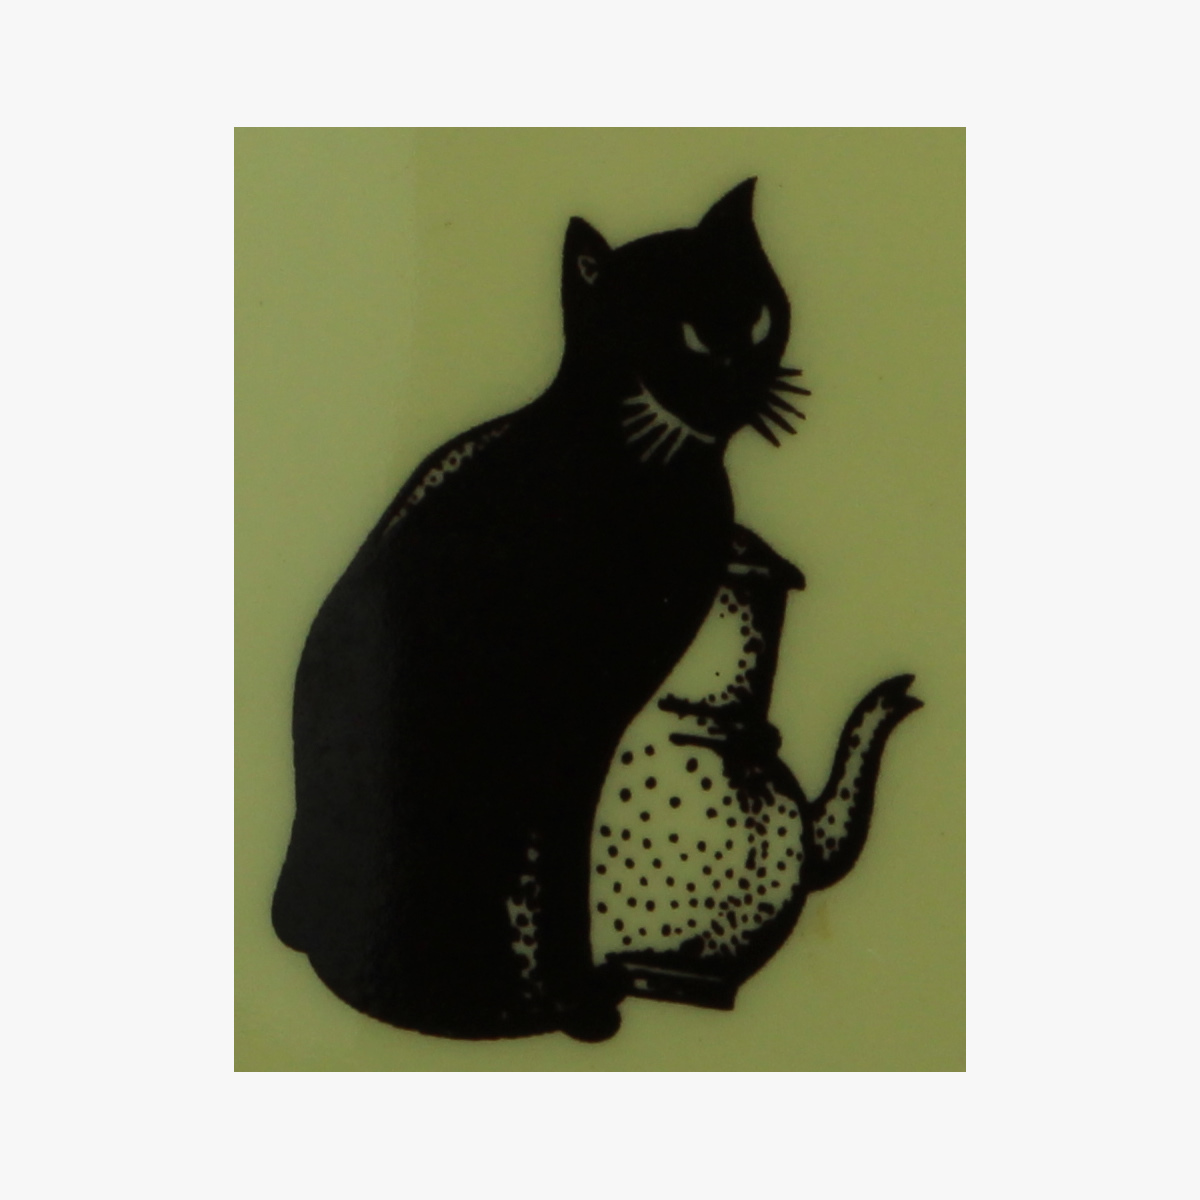 Afbeeldingen van Zwarte Kat. Koffiepot en melkpot.